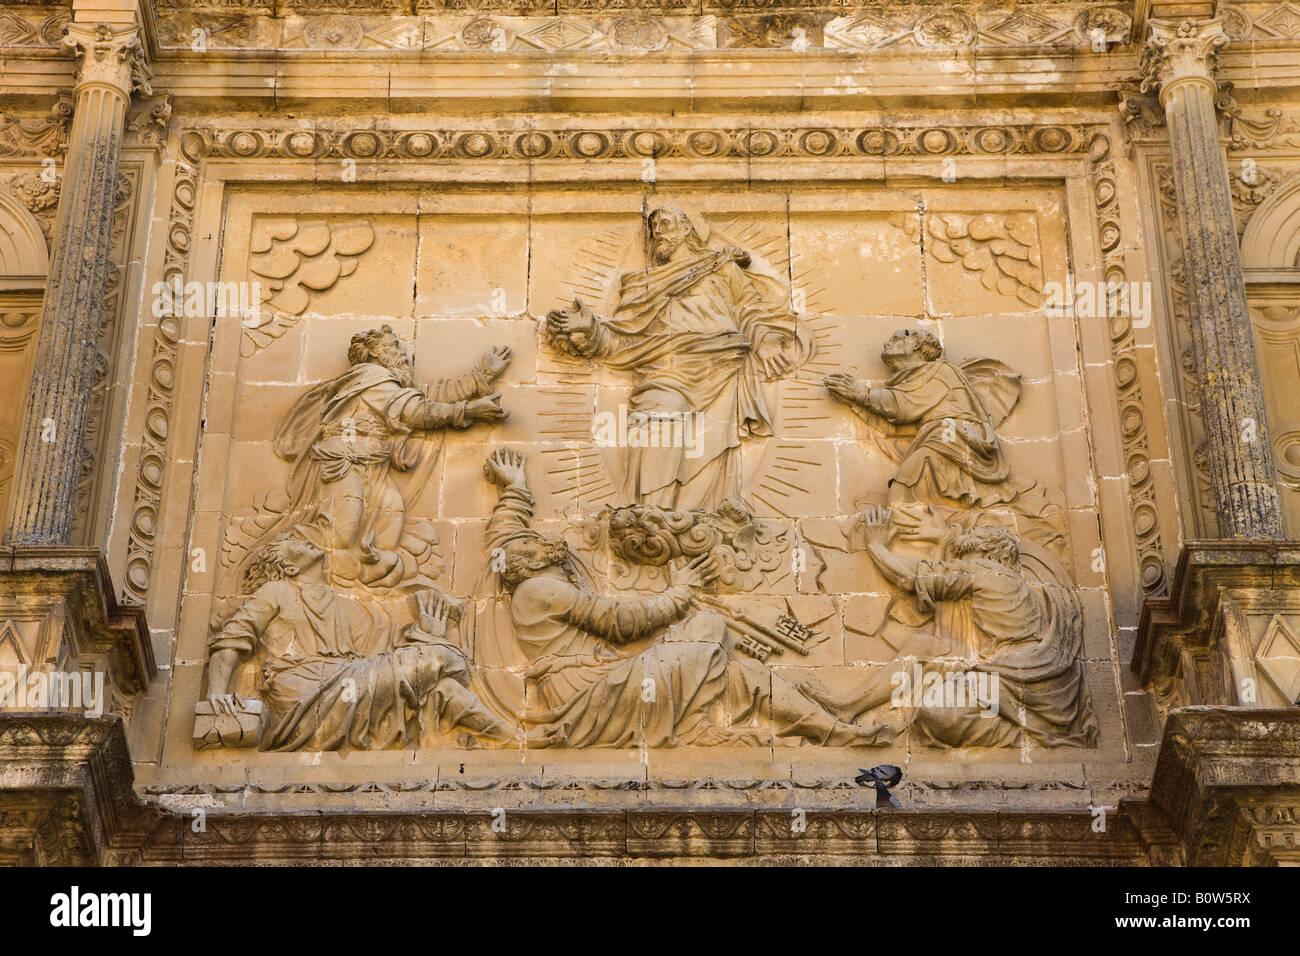 Ubeda Jaen Province Spain Bas relief figures on Capilla de El Salvador in Plaza Vázquez de Molina - Stock Image